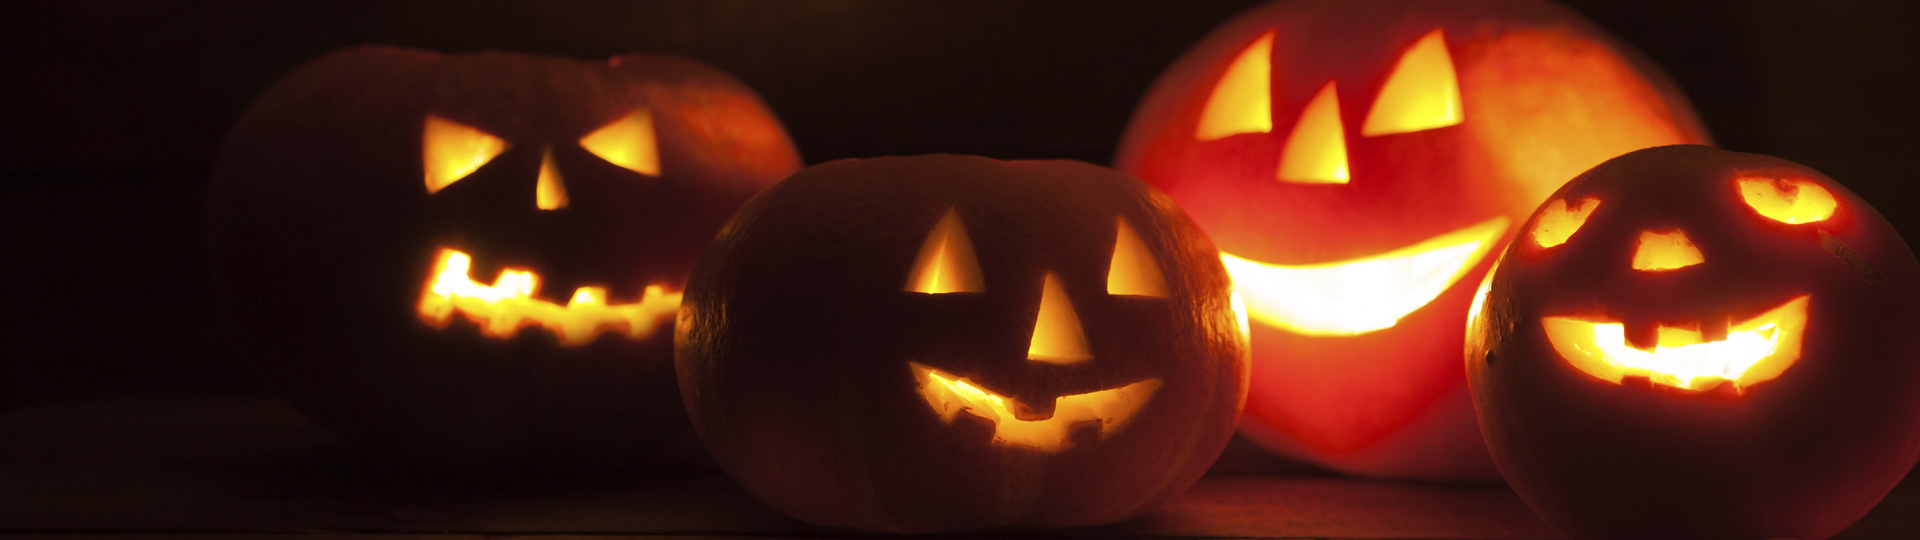 Halloweenpumpa Nster Mall Da Ar Det Halloween Och